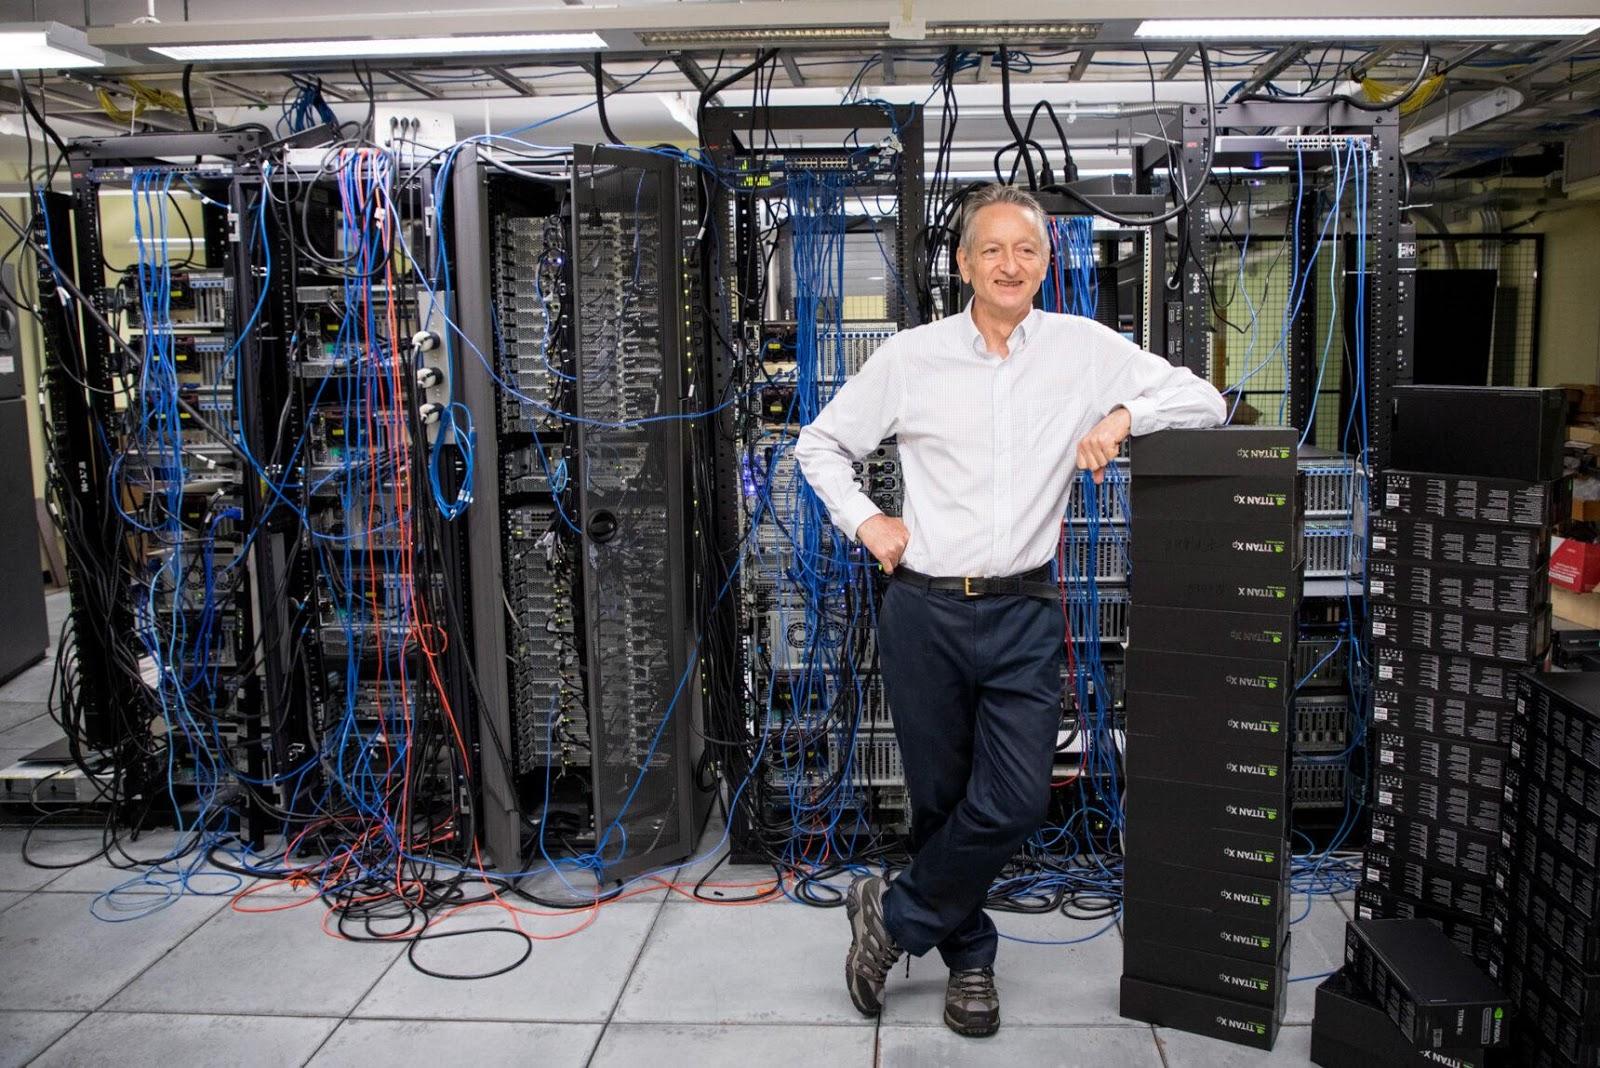 Джеффри Хинтон, когнитивный психолог и учёный в области компьютерных наук из Университета Торонто, ответственен за некоторые из крупнейших достижений в технологии глубоких нейронных сетей, включая разработку обратного распространения ошибки.